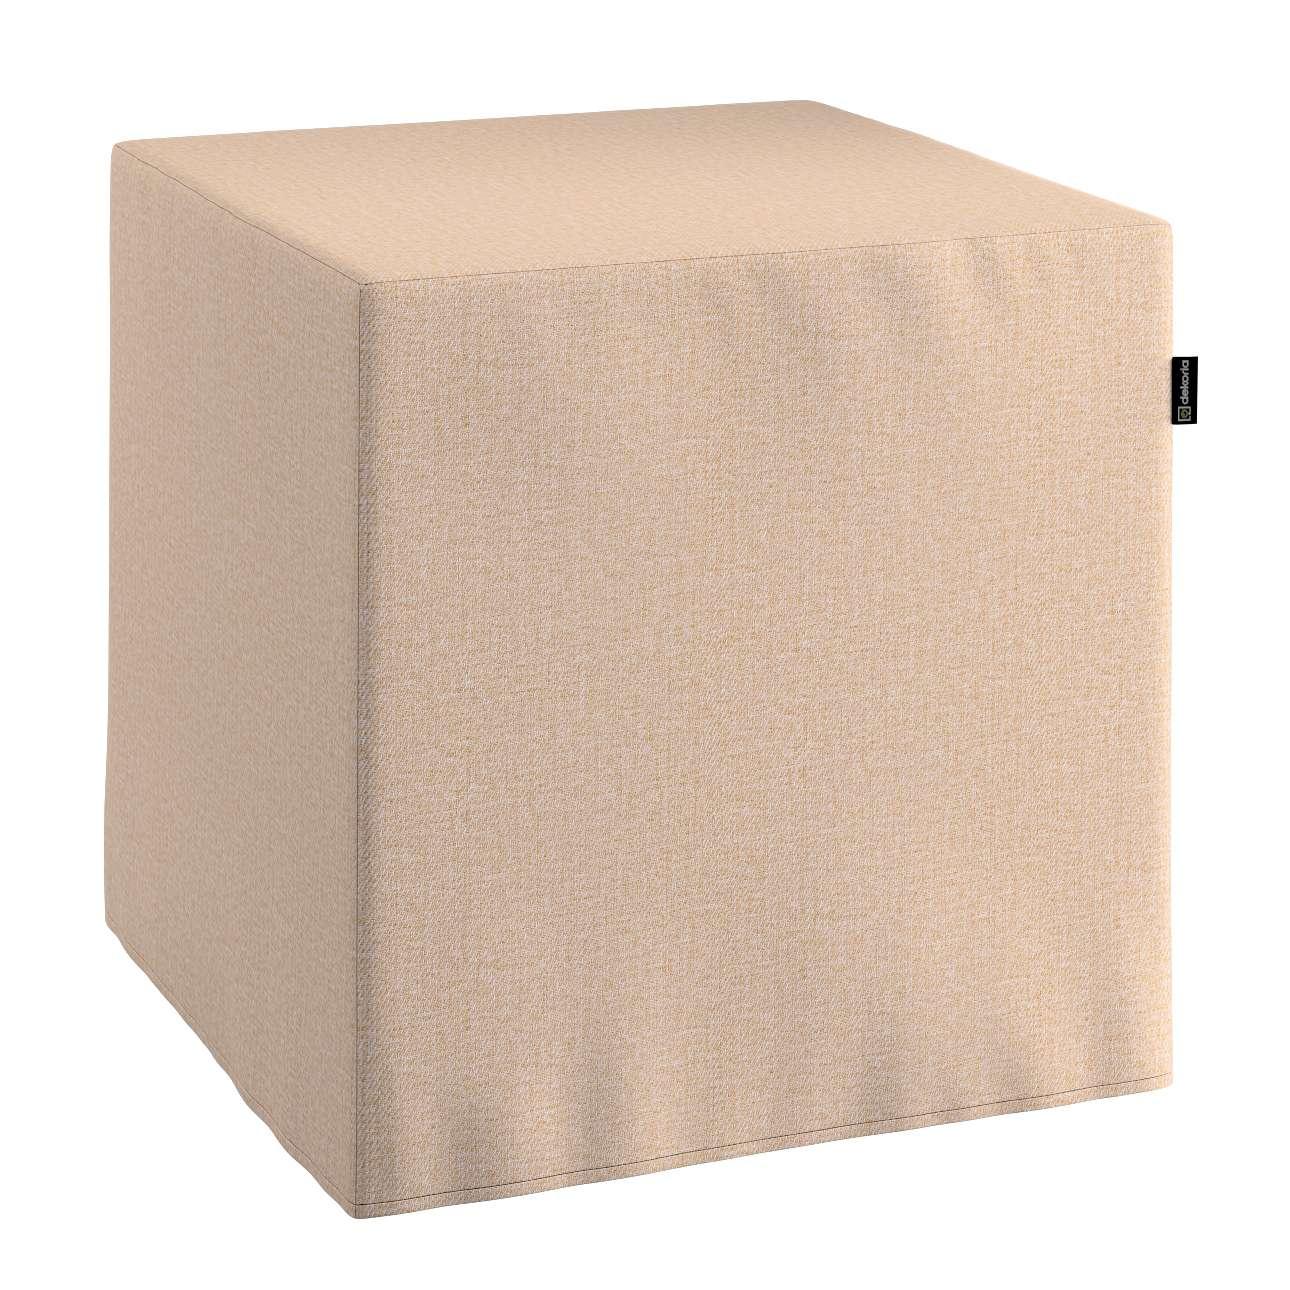 Pokrowiec na pufę kostke kostka 40x40x40 cm w kolekcji Edinburgh, tkanina: 115-78